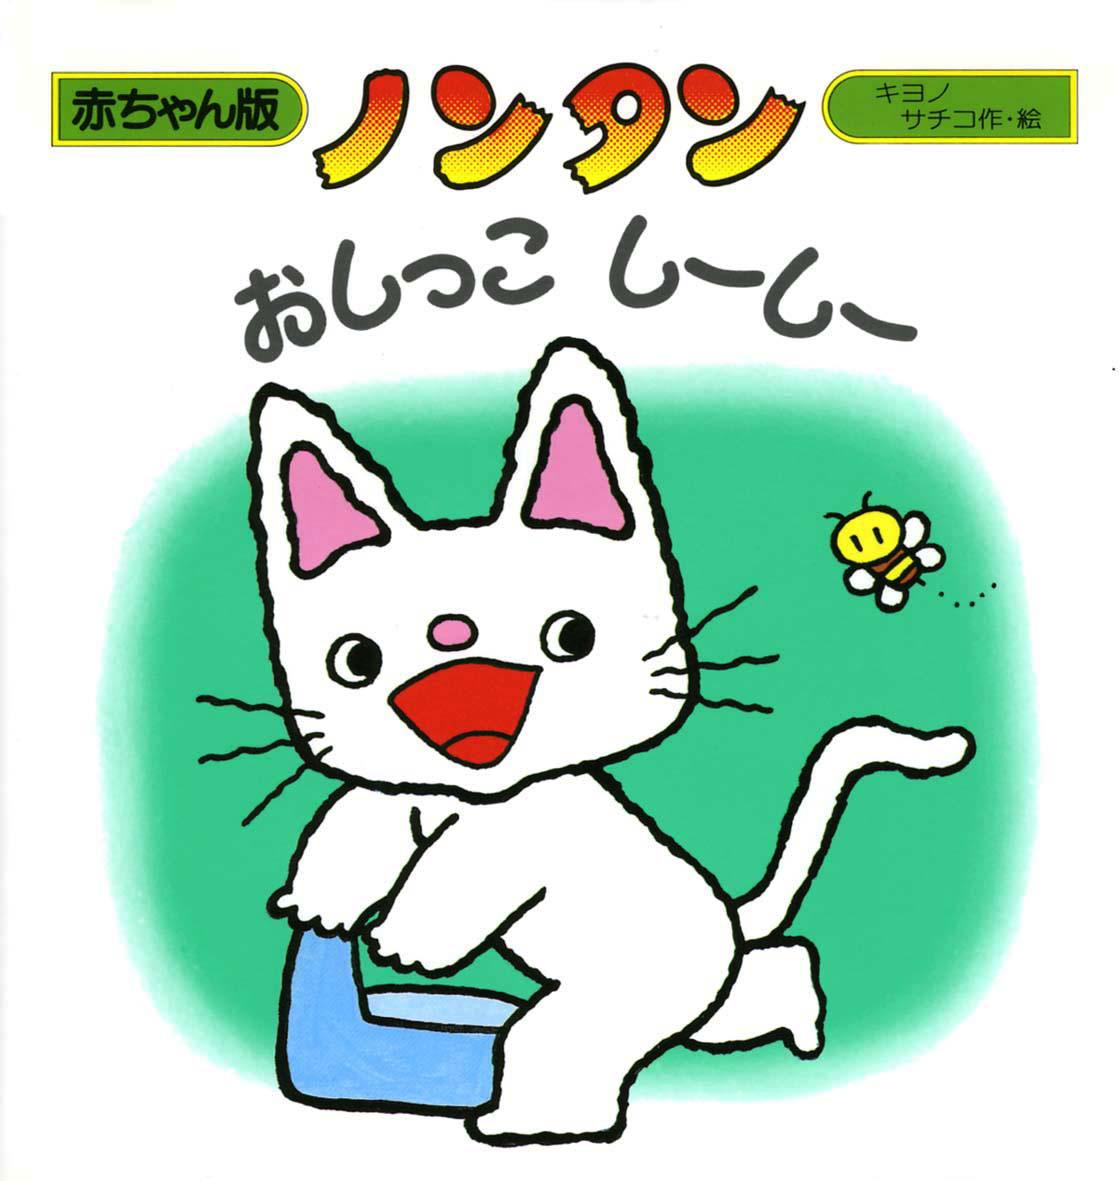 赤ちゃん版ノンタンプレゼントセット(6冊入り)